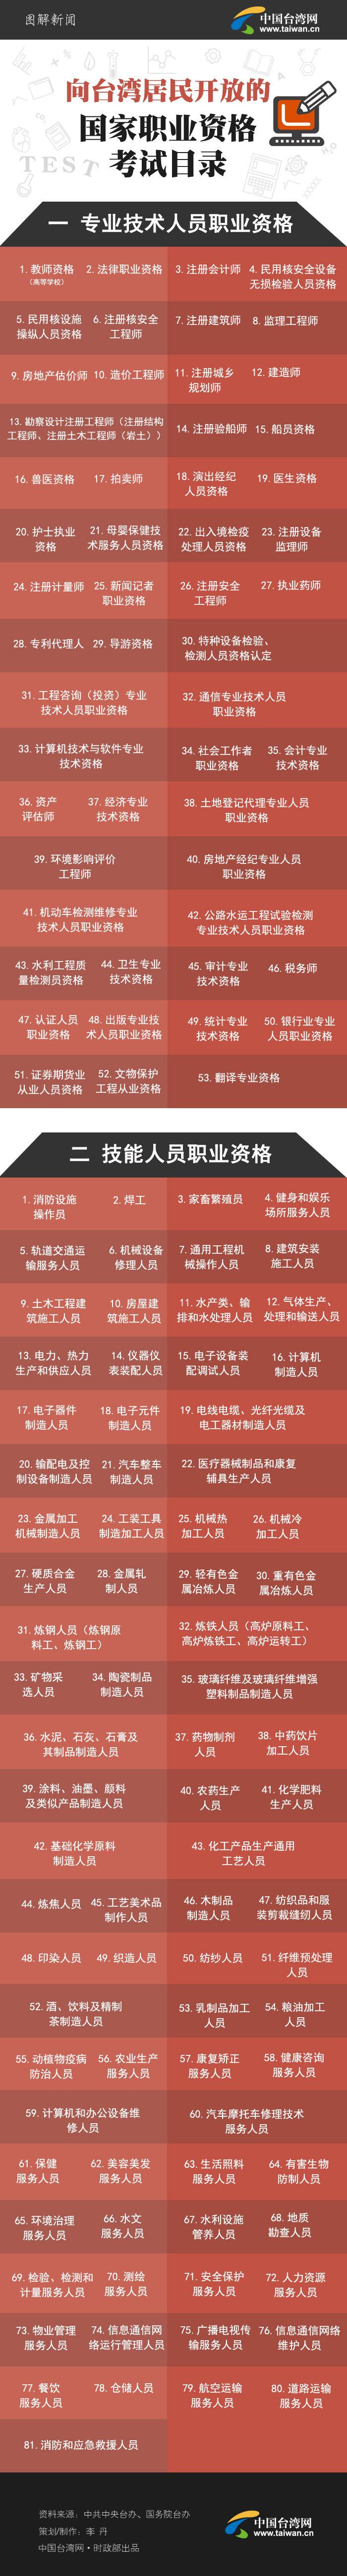 【图解新闻】向台湾居民开放的国家职业资格考试目录